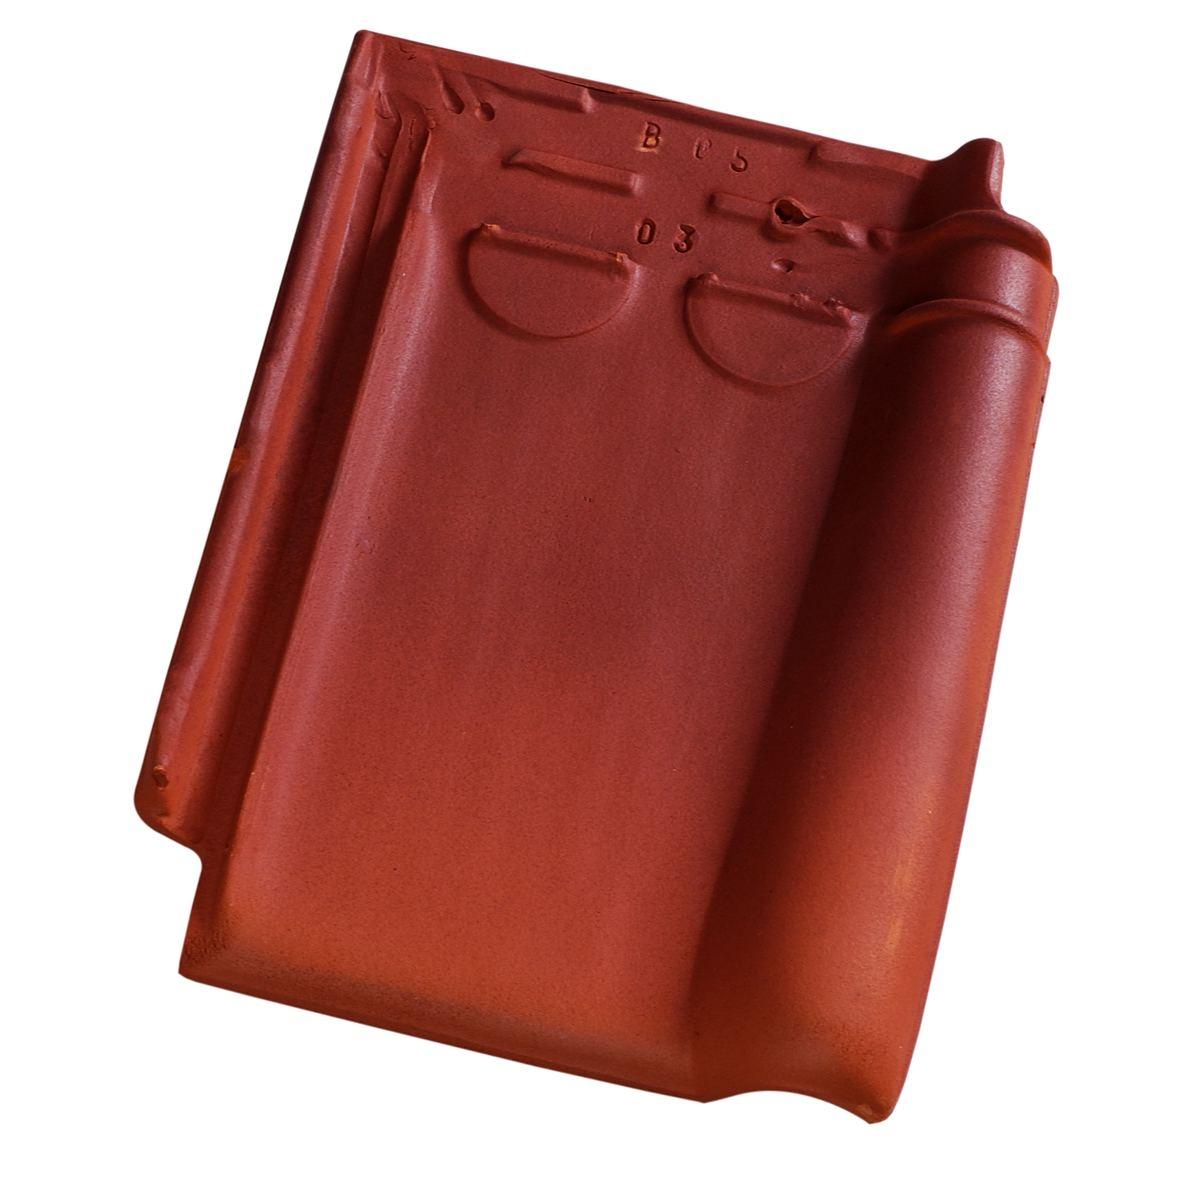 Koramic Ovh Vario Natuurrood Dakpan: Wienerberger Dakpan Tuile Du Nord 44 848 Amarant Engobe